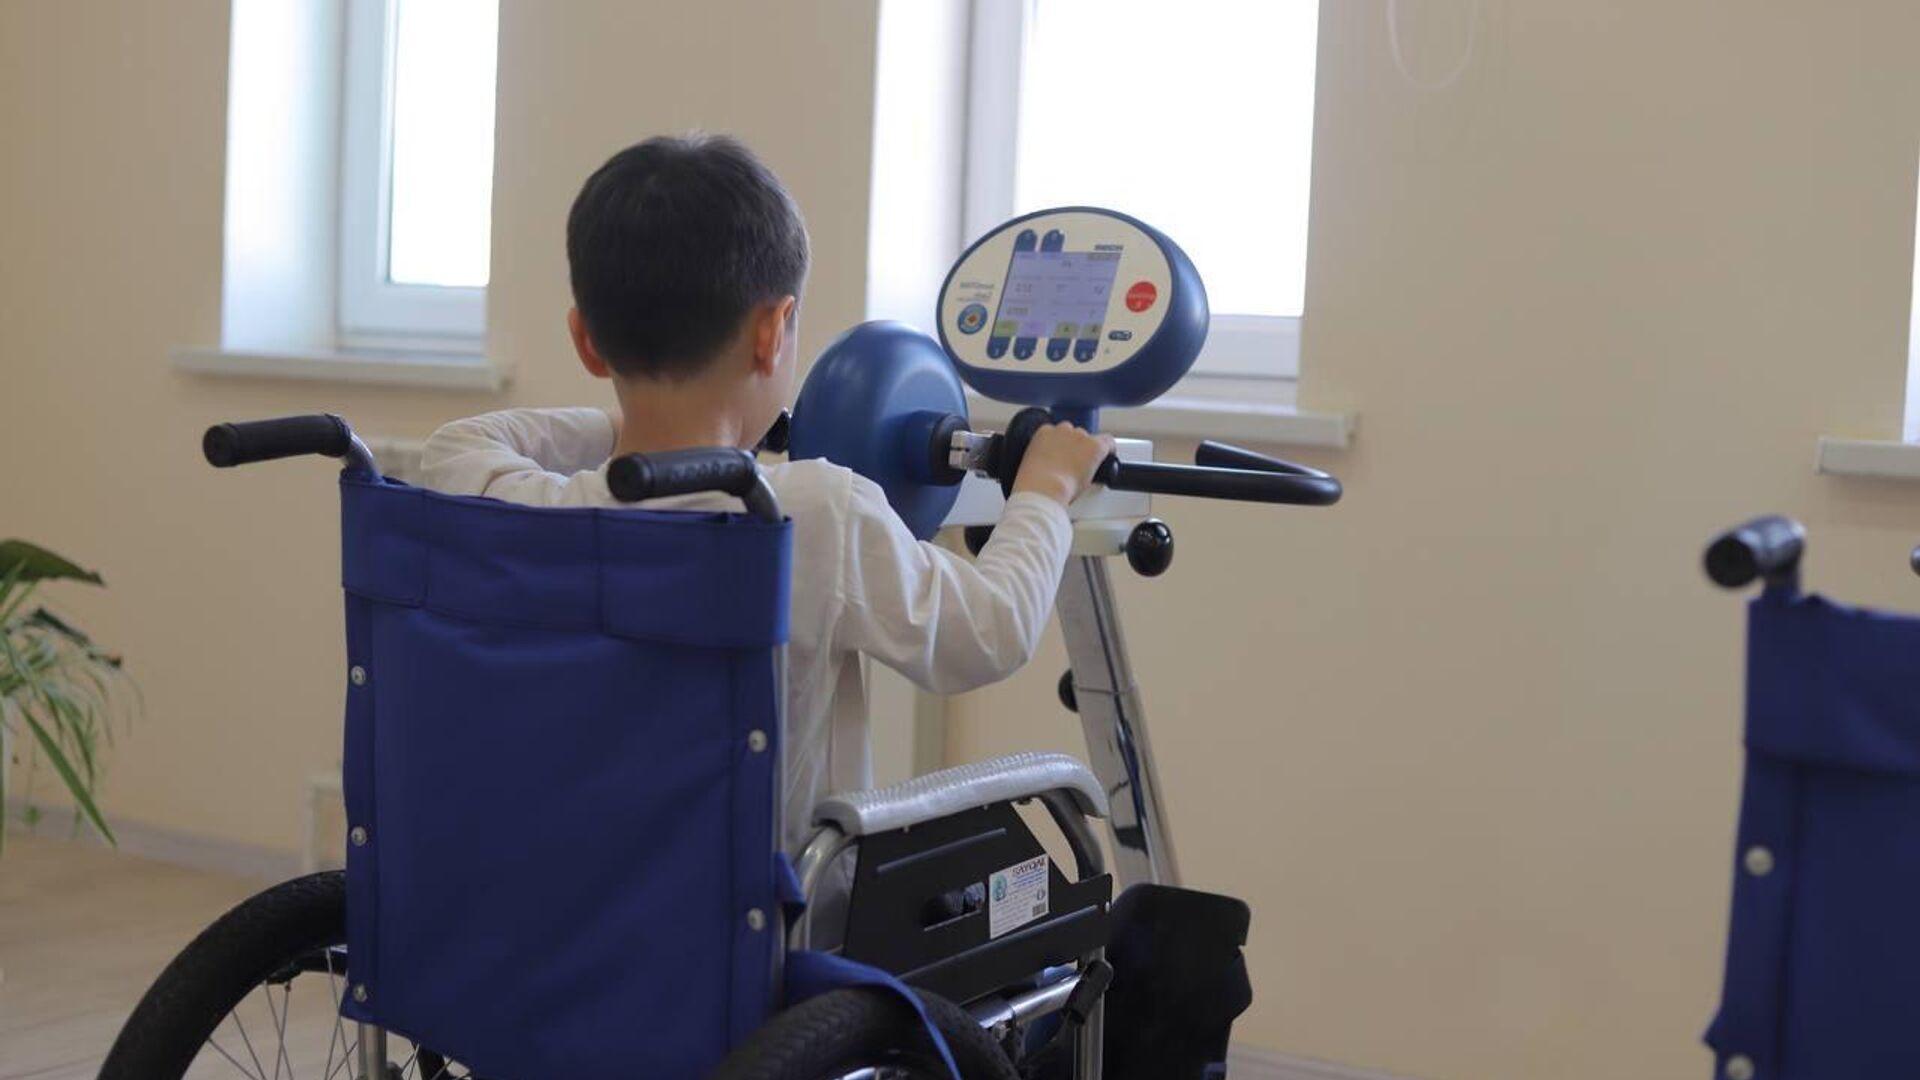 Ребенок в инвалидном кресле - Sputnik Ўзбекистон, 1920, 23.09.2021